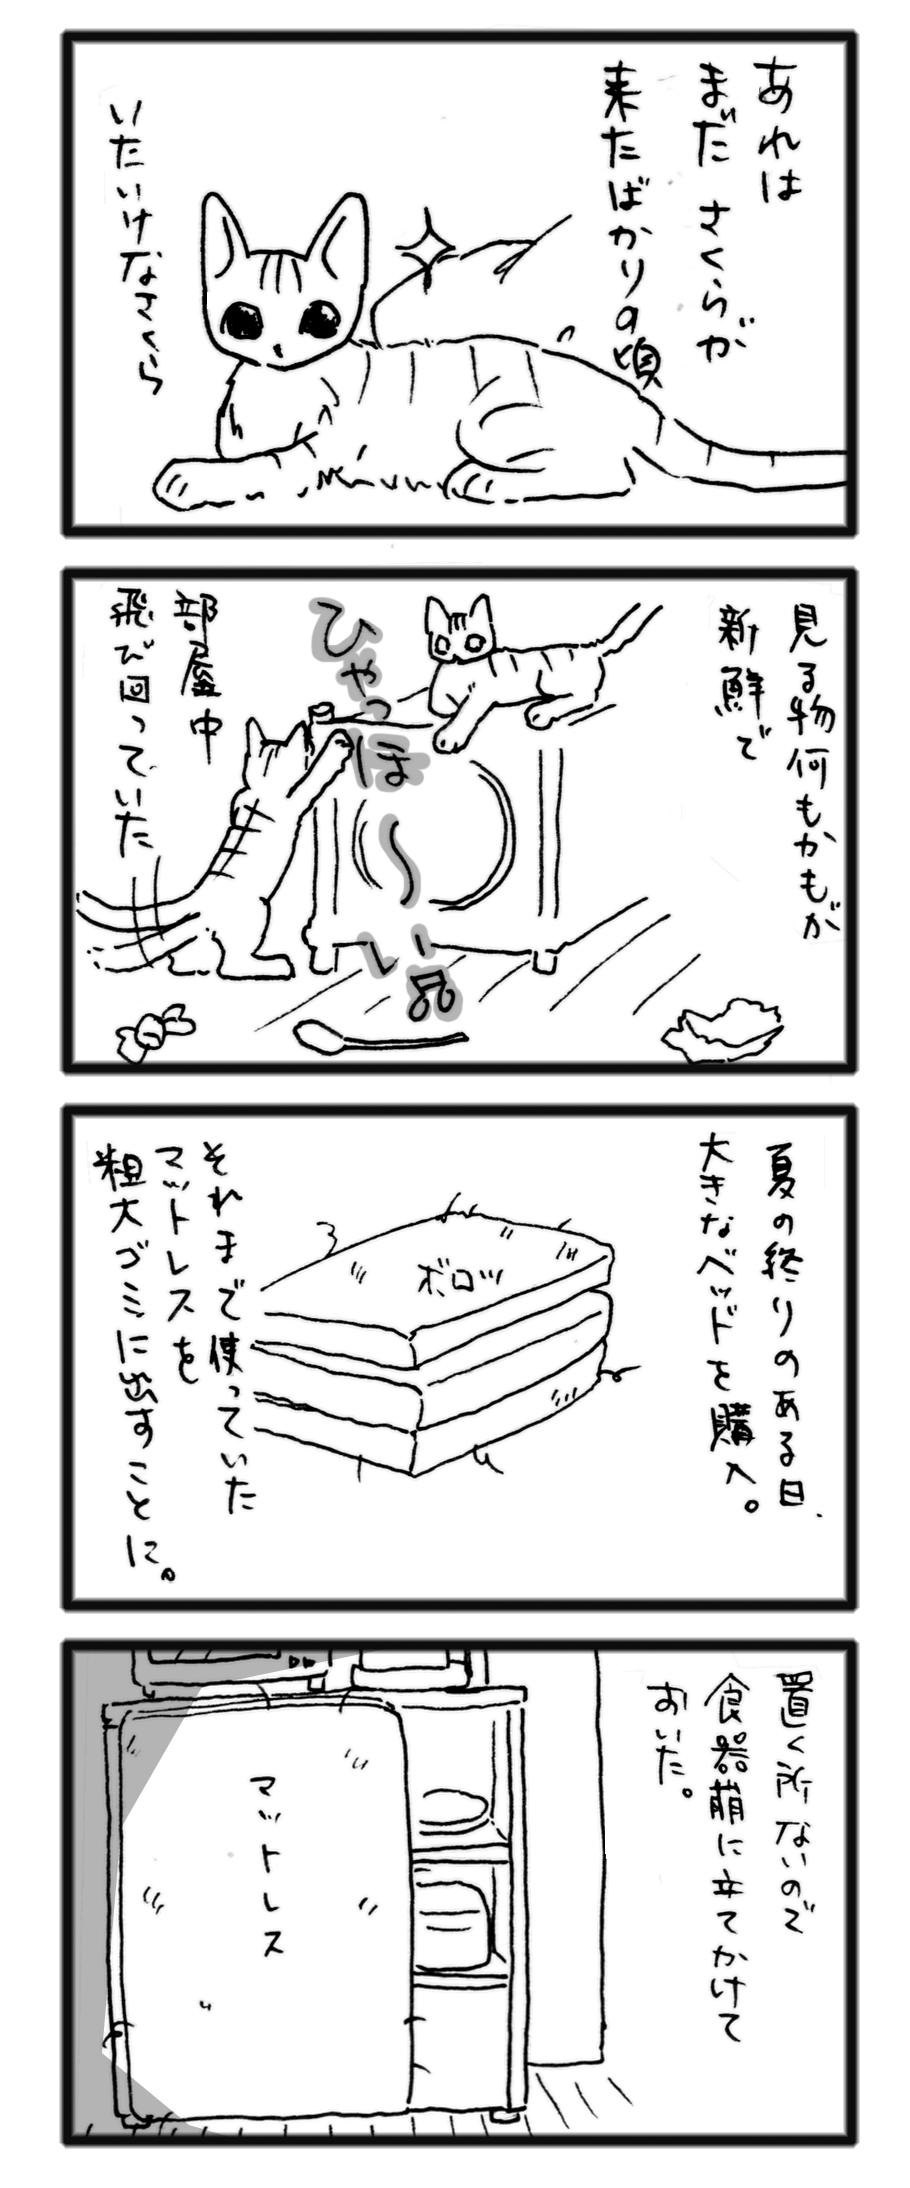 comic_13122001.jpg